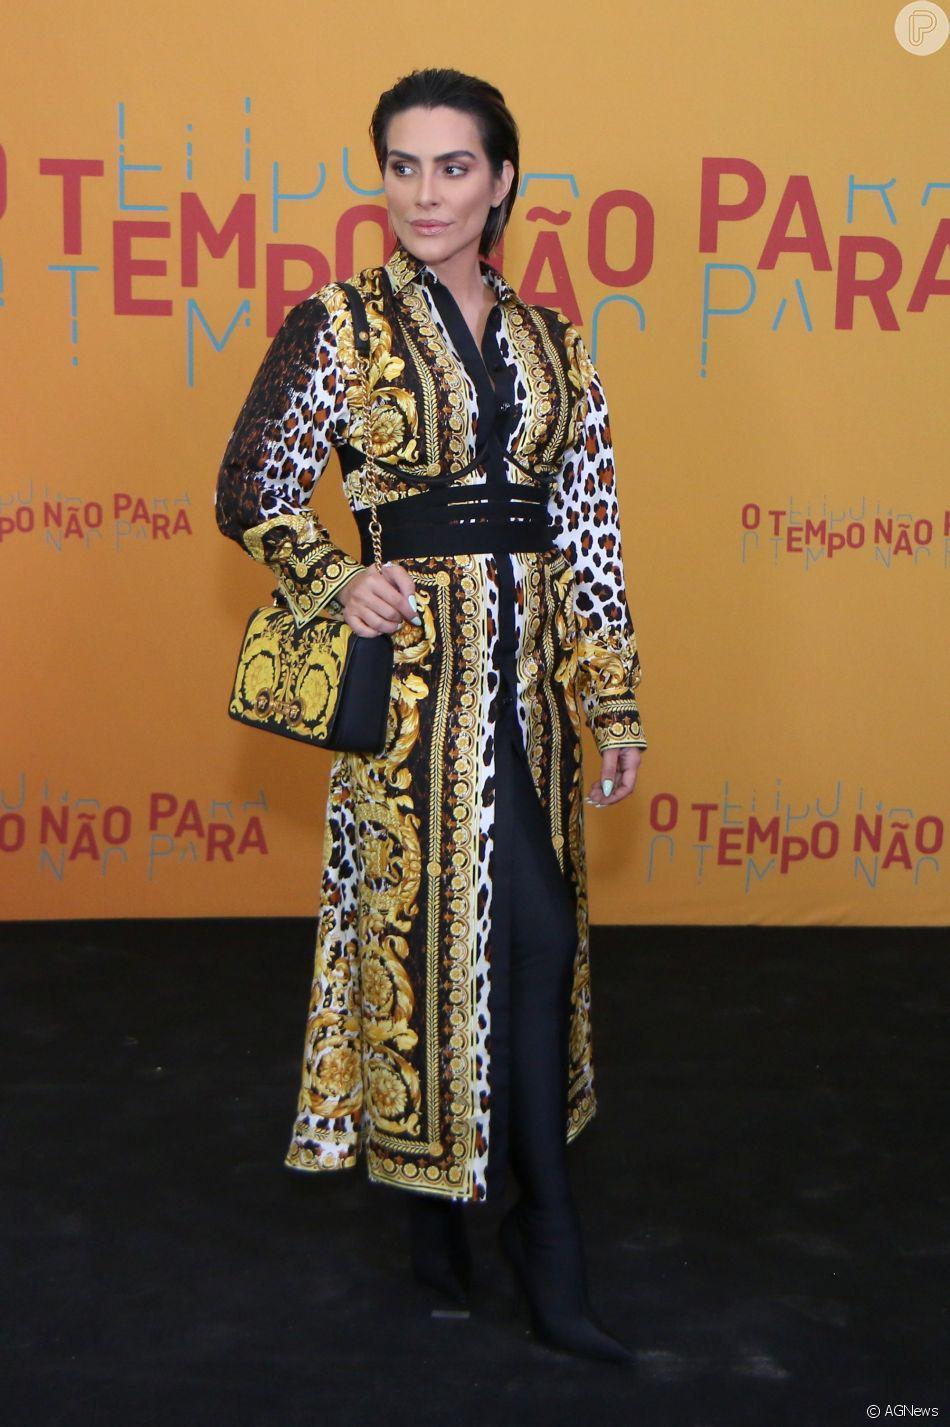 Cleo na festa de lançamento da novela 'O Tempo Não Para', em 16 de julho de 2018, atriz escolheu botas longuíssimas para complementar o look